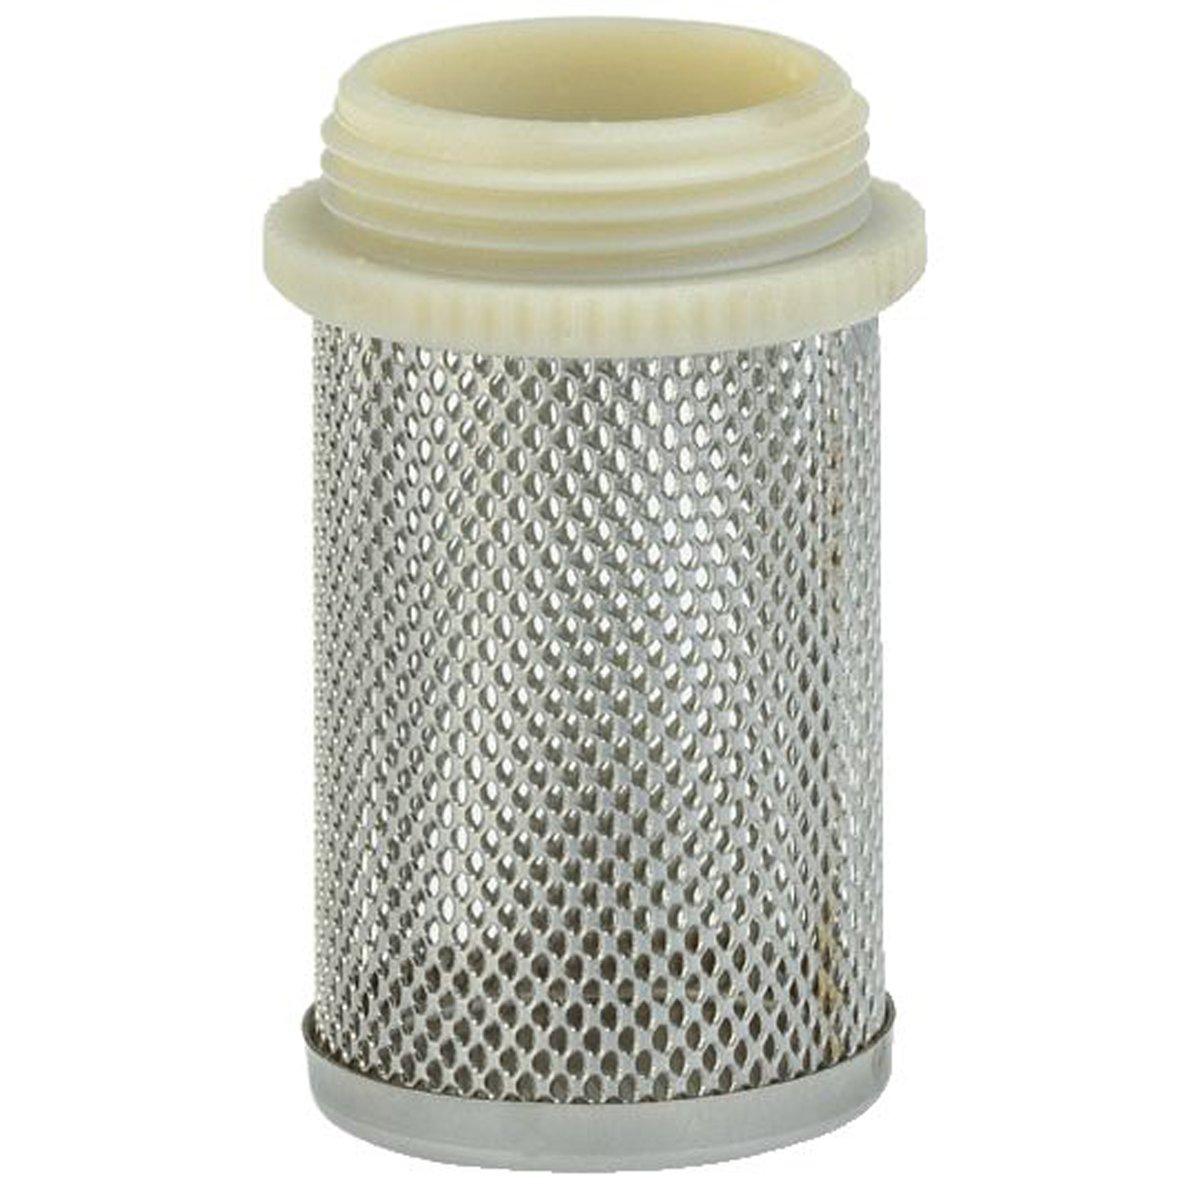 GARDENA Saugkorb: Saugfilter aus feinmaschigem Stahlgeflecht, 26.5 mm (G 3/4')-Gewinde fü r Zwischenventile (7240-20) 26.5 mm (G 3/4)-Gewinde fü r Zwischenventile (7240-20) 07240-20